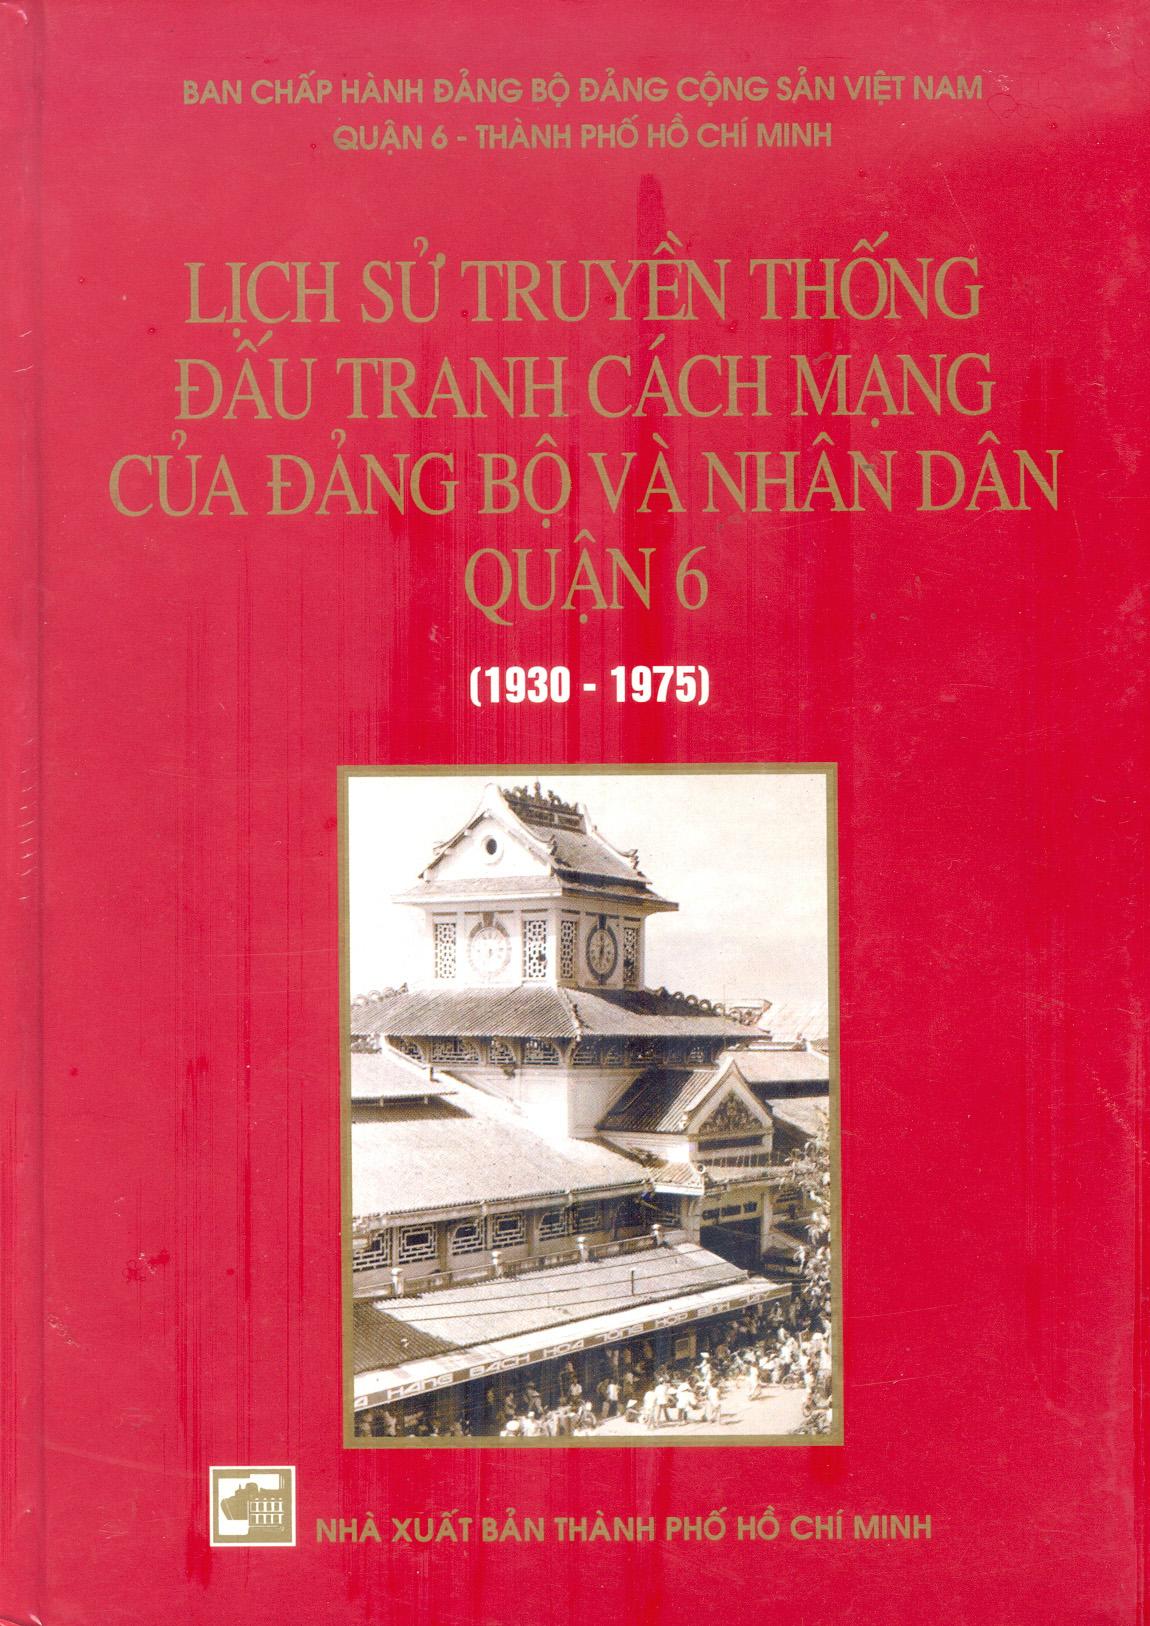 Lịch sử truyền thống đấu tranh cách mạng của Đảng bộ và Nhân dân quận 6 (1930-1975)